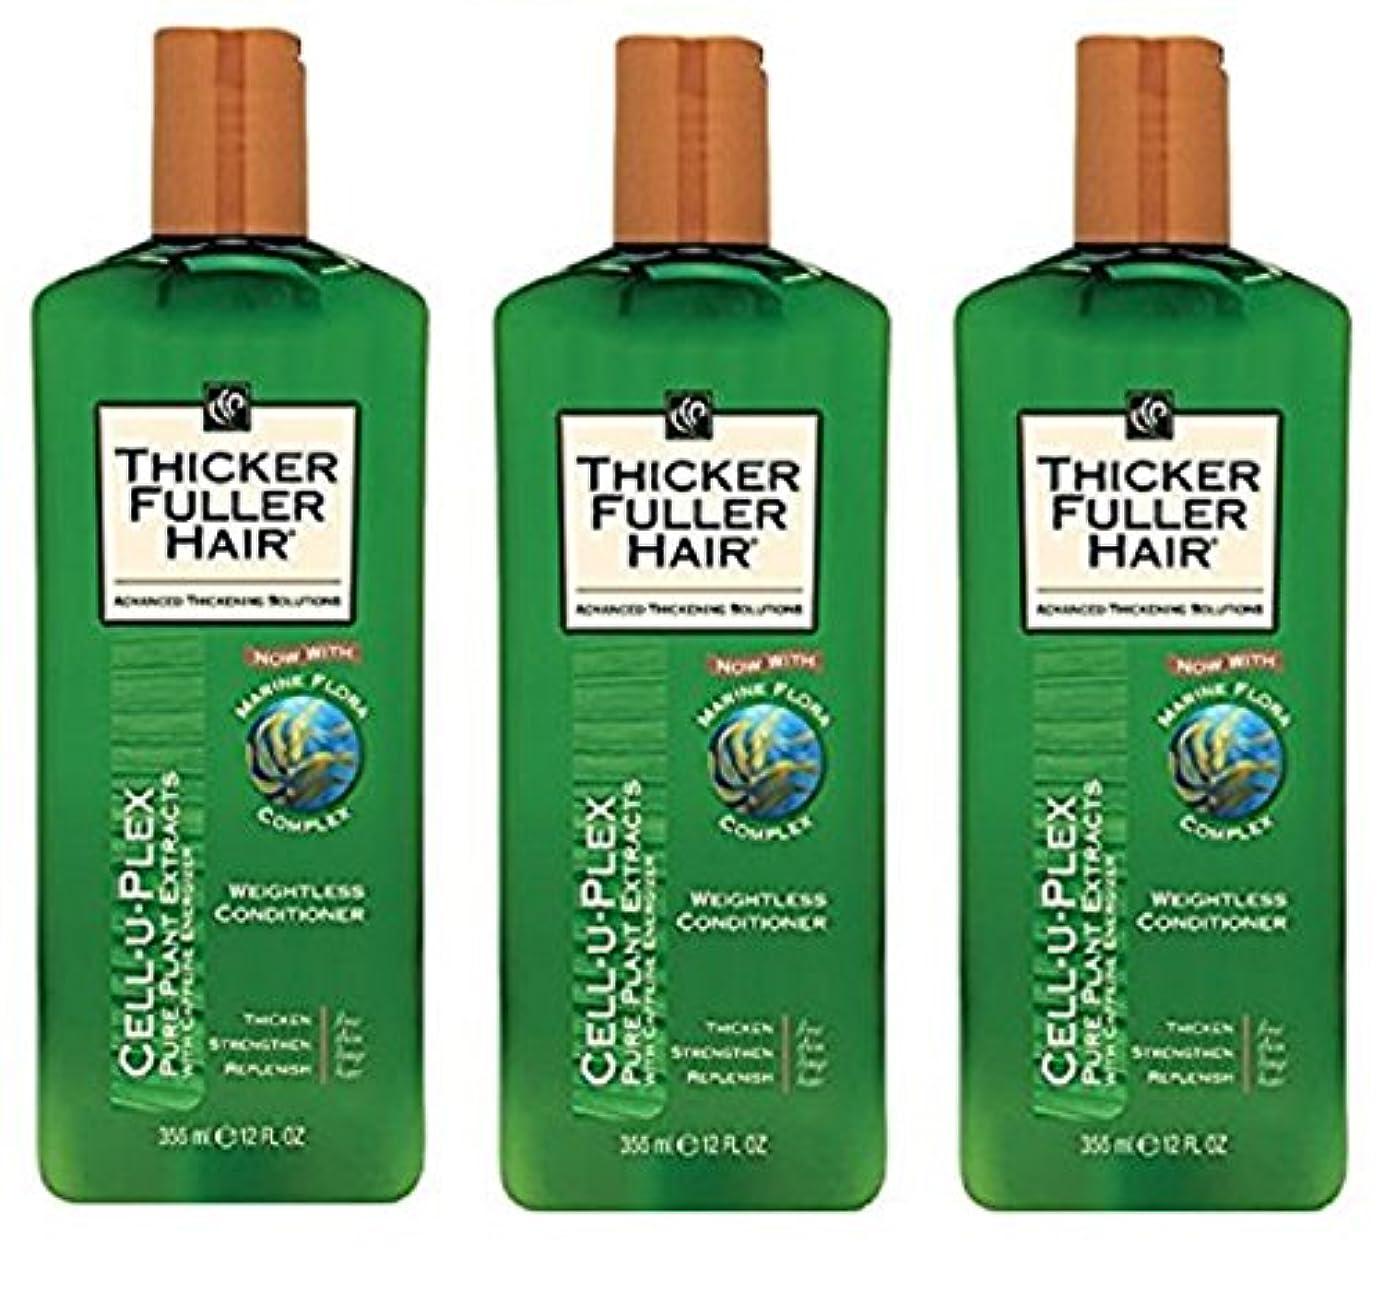 愛するうまれた代わりにThicker Fuller 髪の無重力コンディショナーセル-U-PLEX 12オンス。 (3パック)